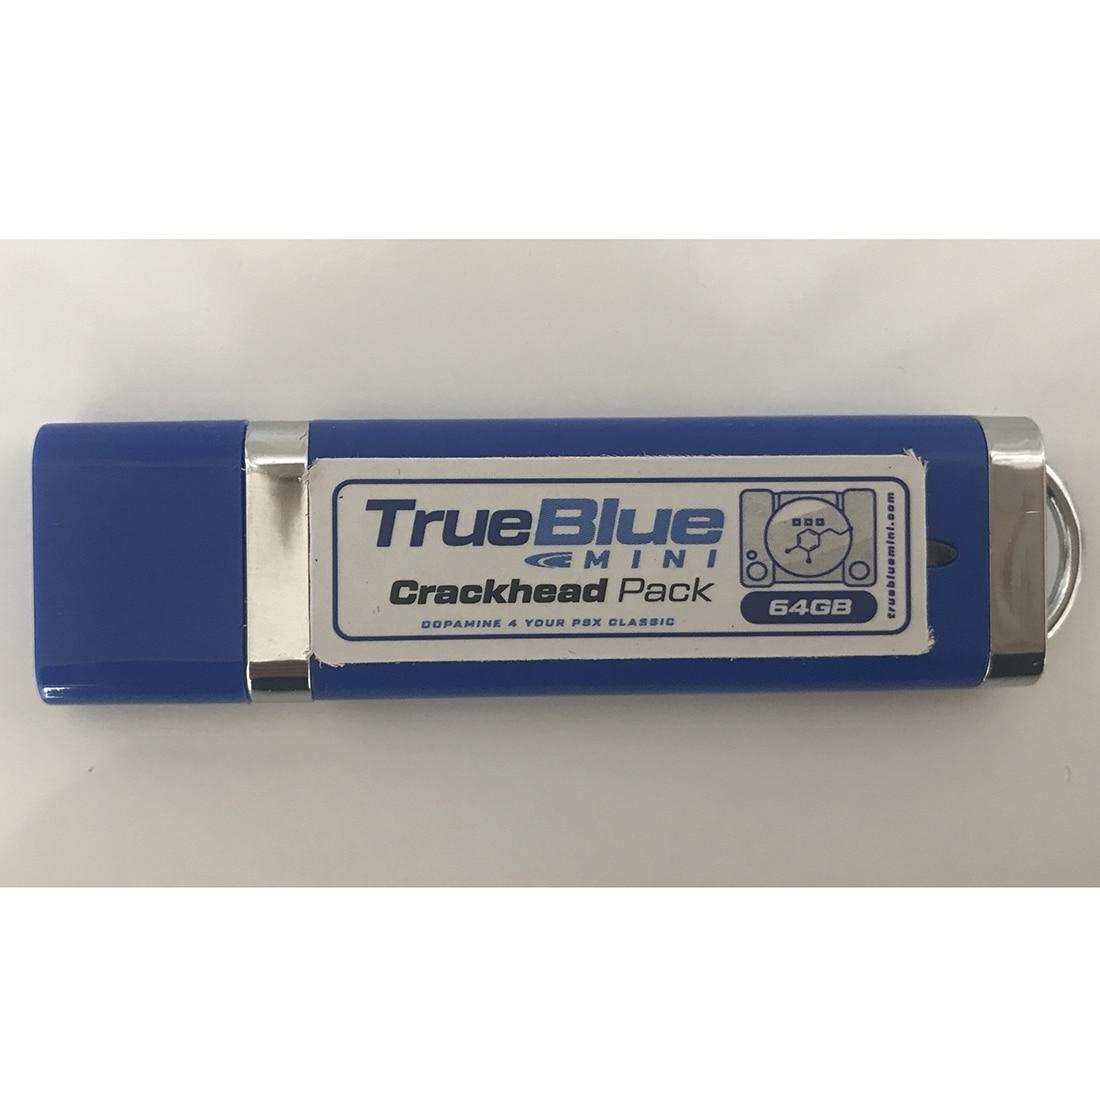 HOBBYINRC vrai bleu Mini 64G 101 jeux craquelé Pack + 64G 101 jeux Meth Pack pour PlayStation classique jeux & accessoires - 4